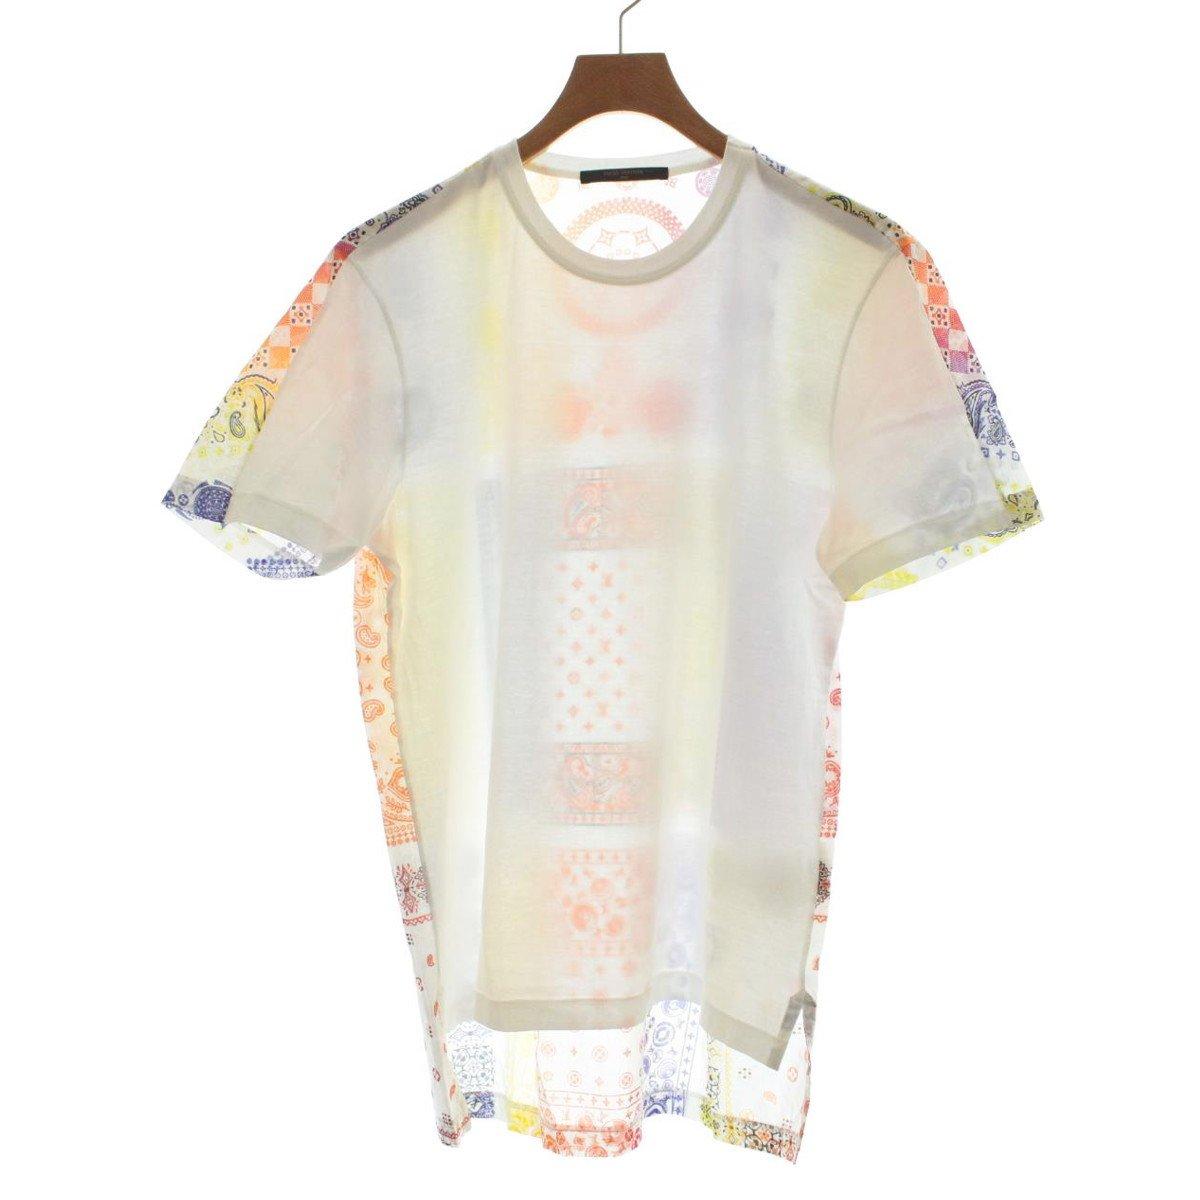 (ルイヴィトン) LOUIS VUITTON メンズ Tシャツ 中古 B07F91LH6M